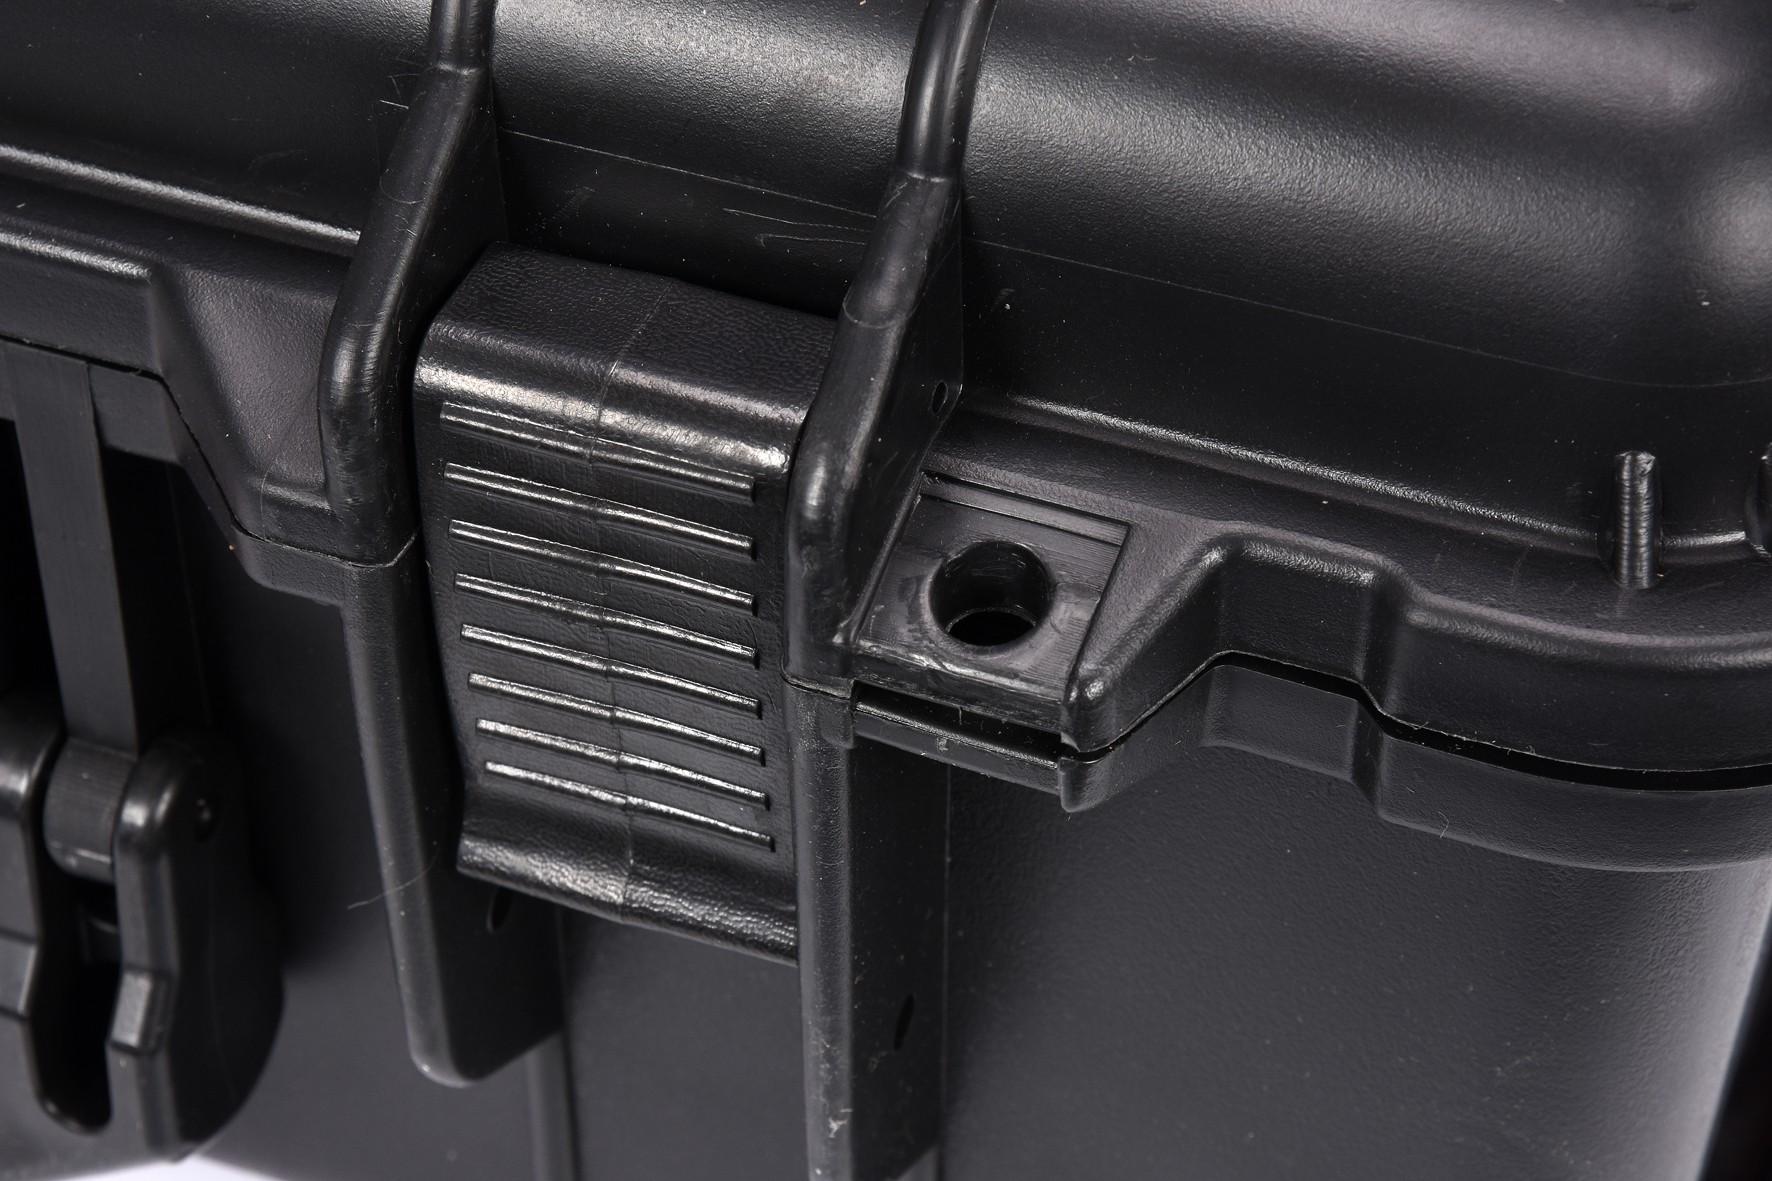 Lagaminas | Atsparus smūgiams, hermetiškas | 270x246x124 mm (YT-08901)